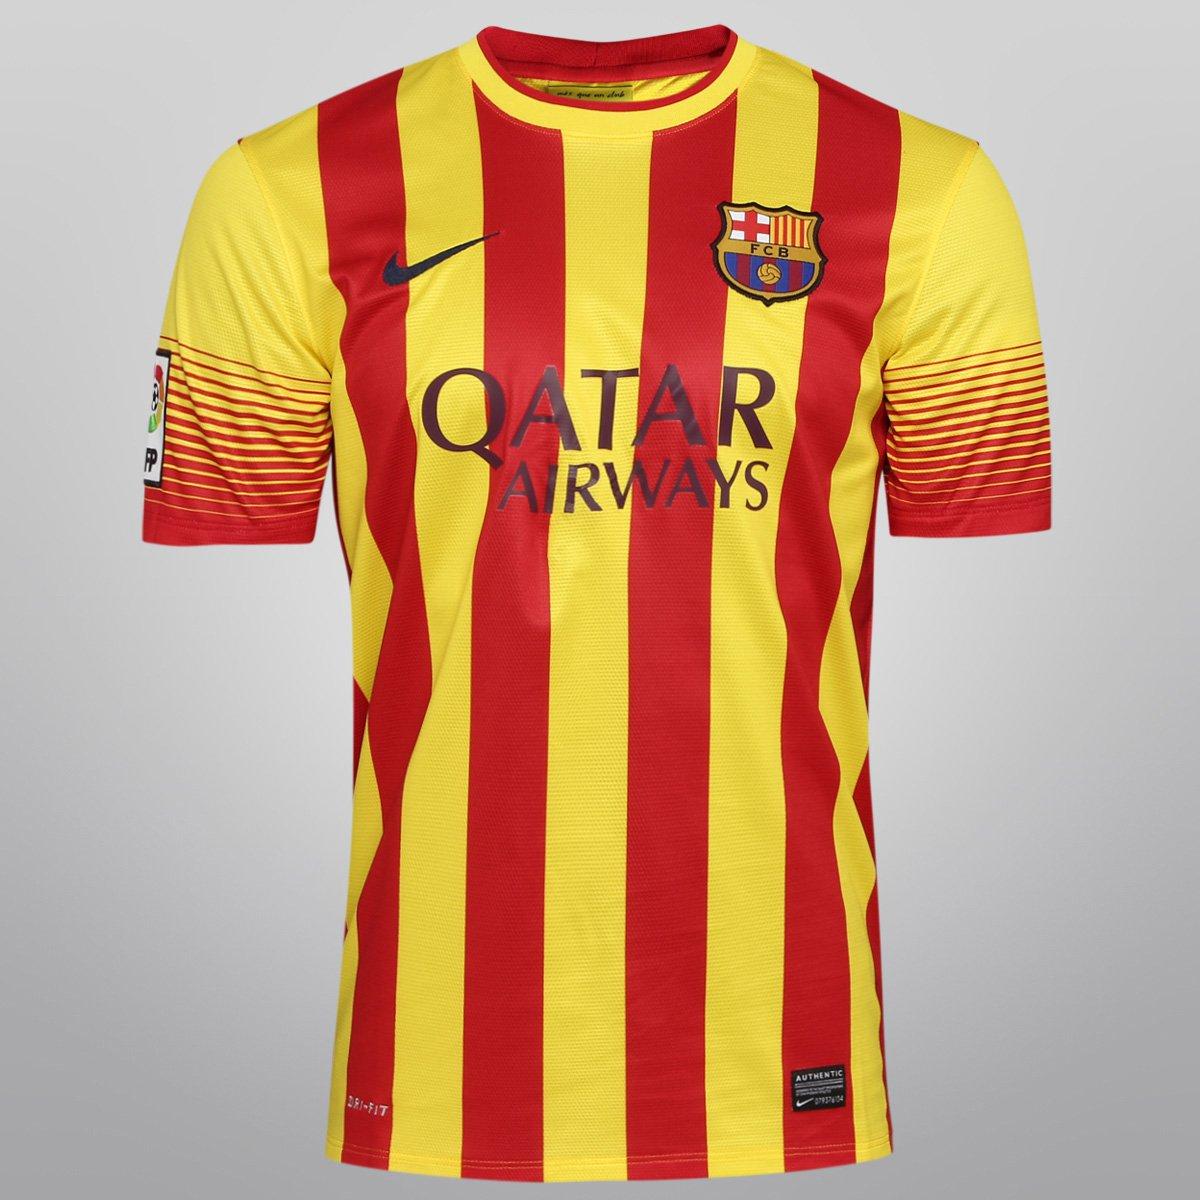 Camisa Nike Barcelona Away 13 14 s nº - Compre Agora  0b5e52cb65505